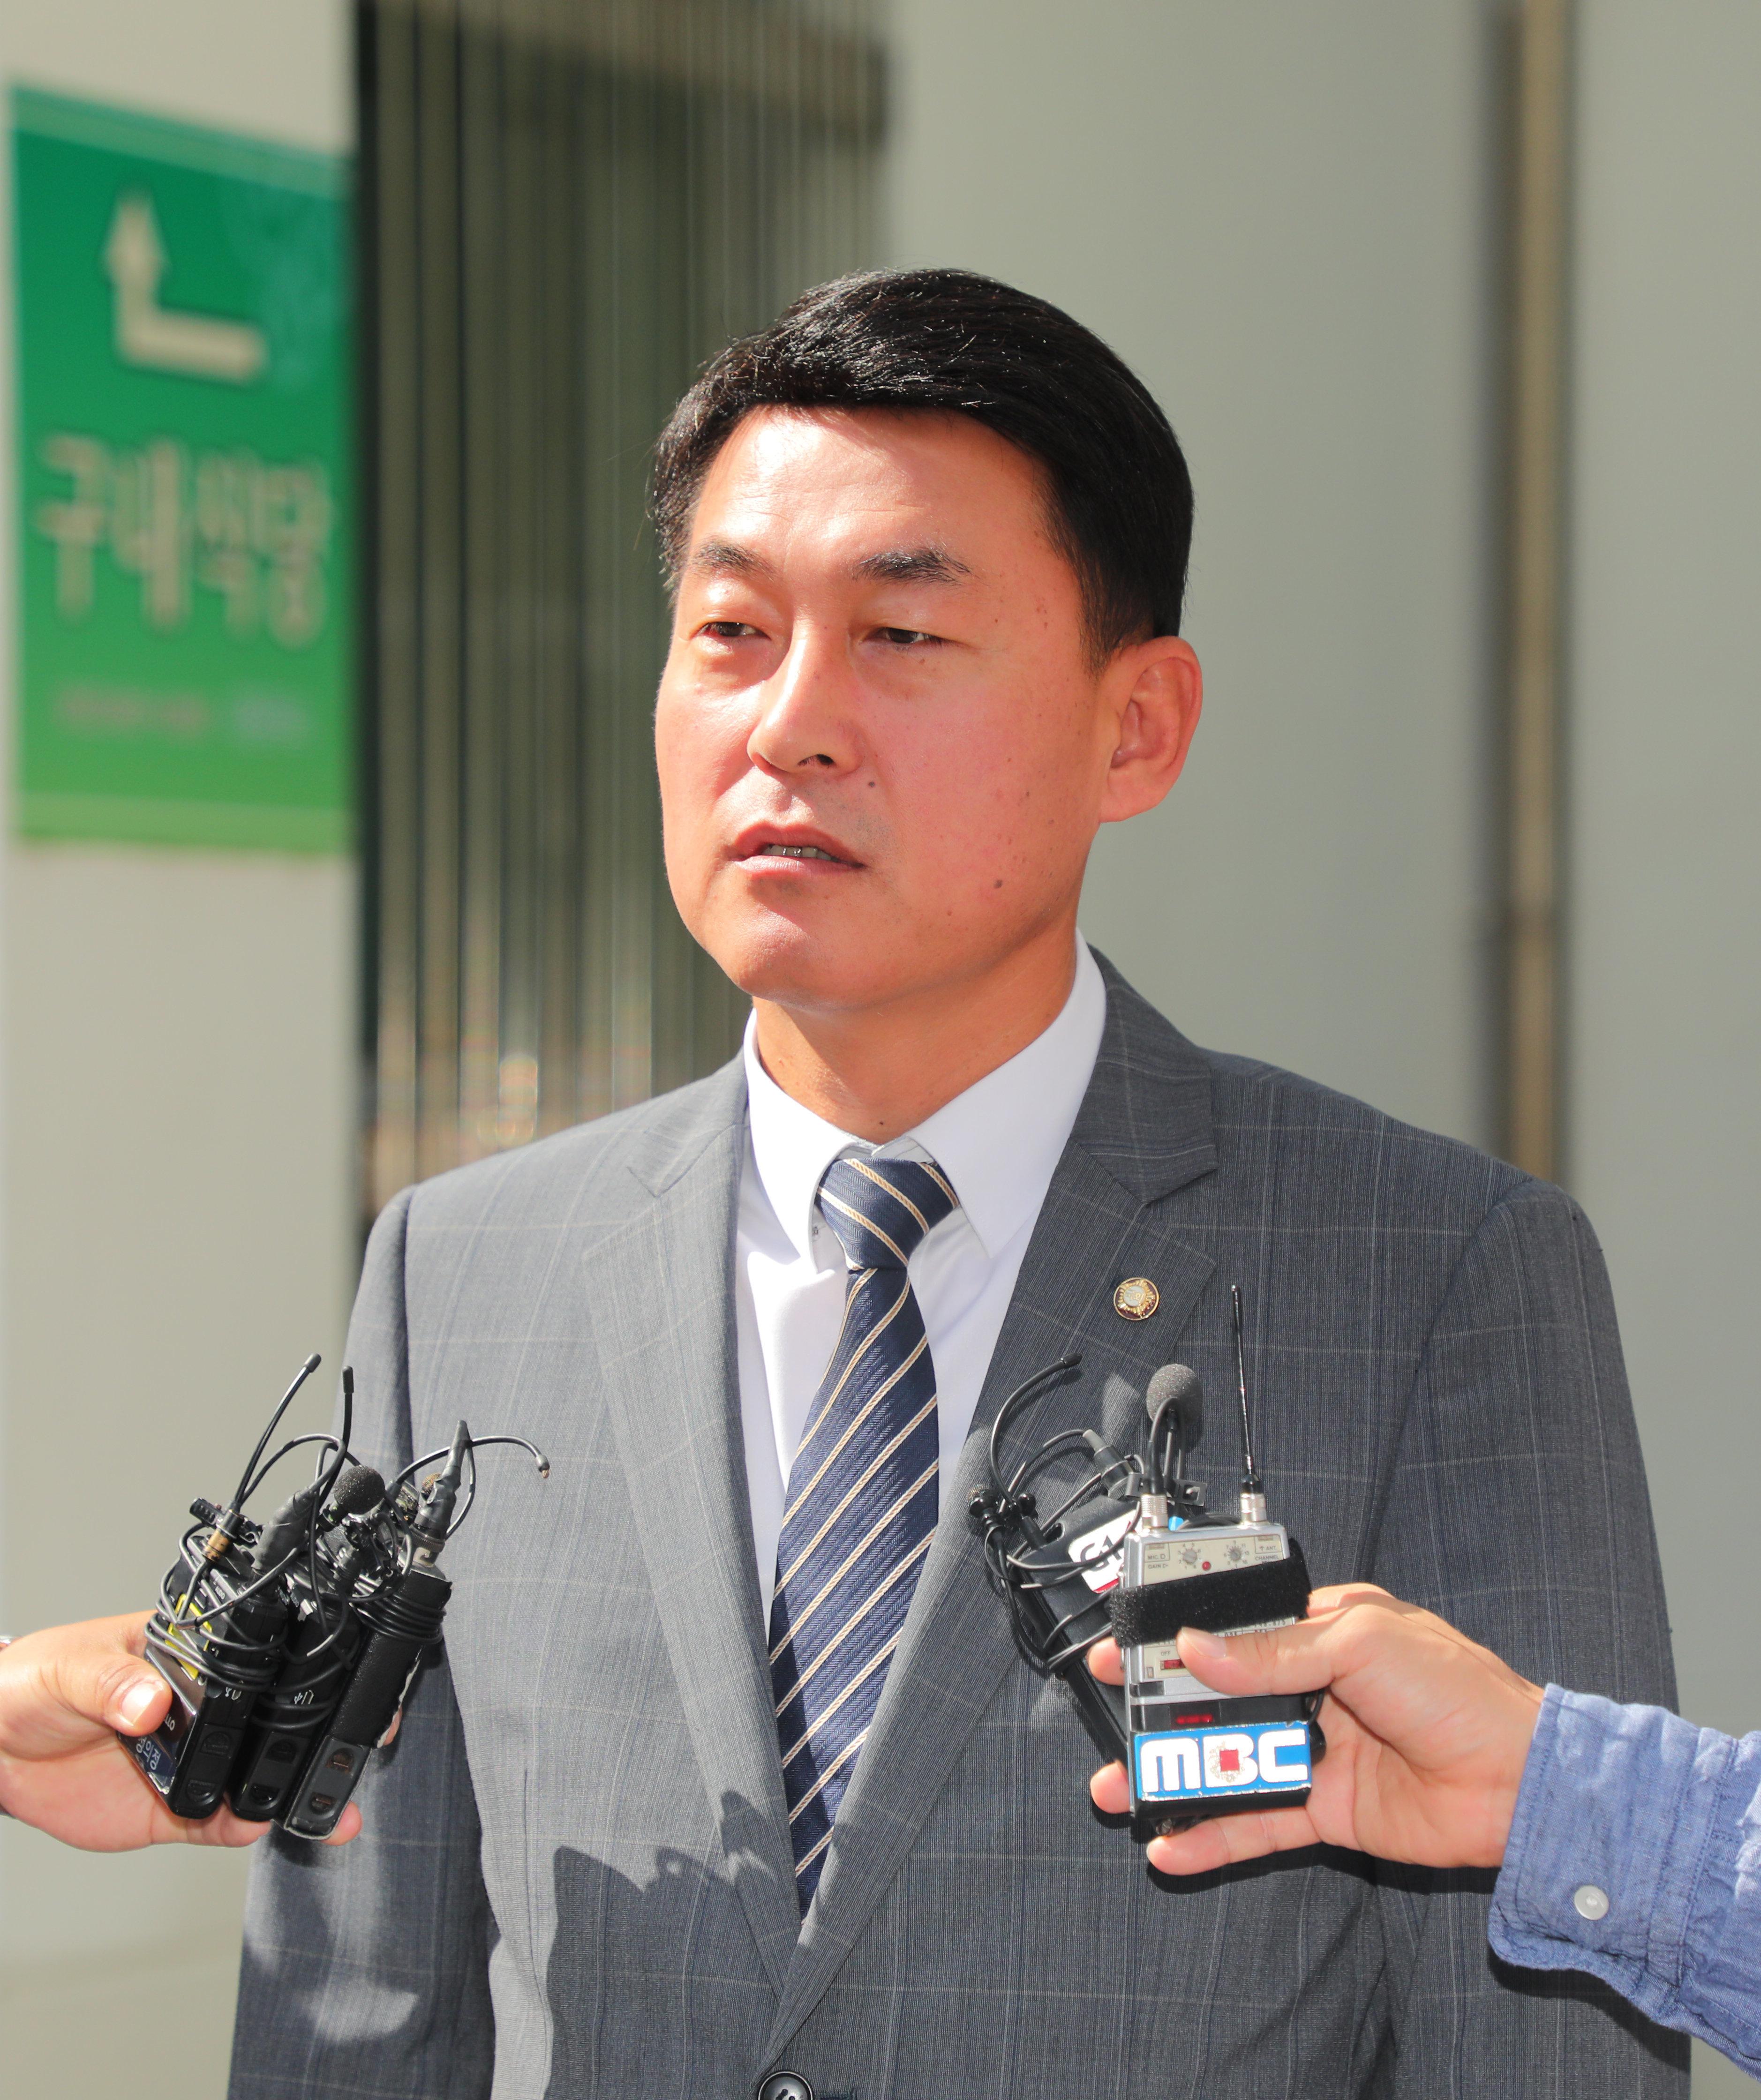 황영철 의원이 정치자금법 위반으로 의원직 상실형을